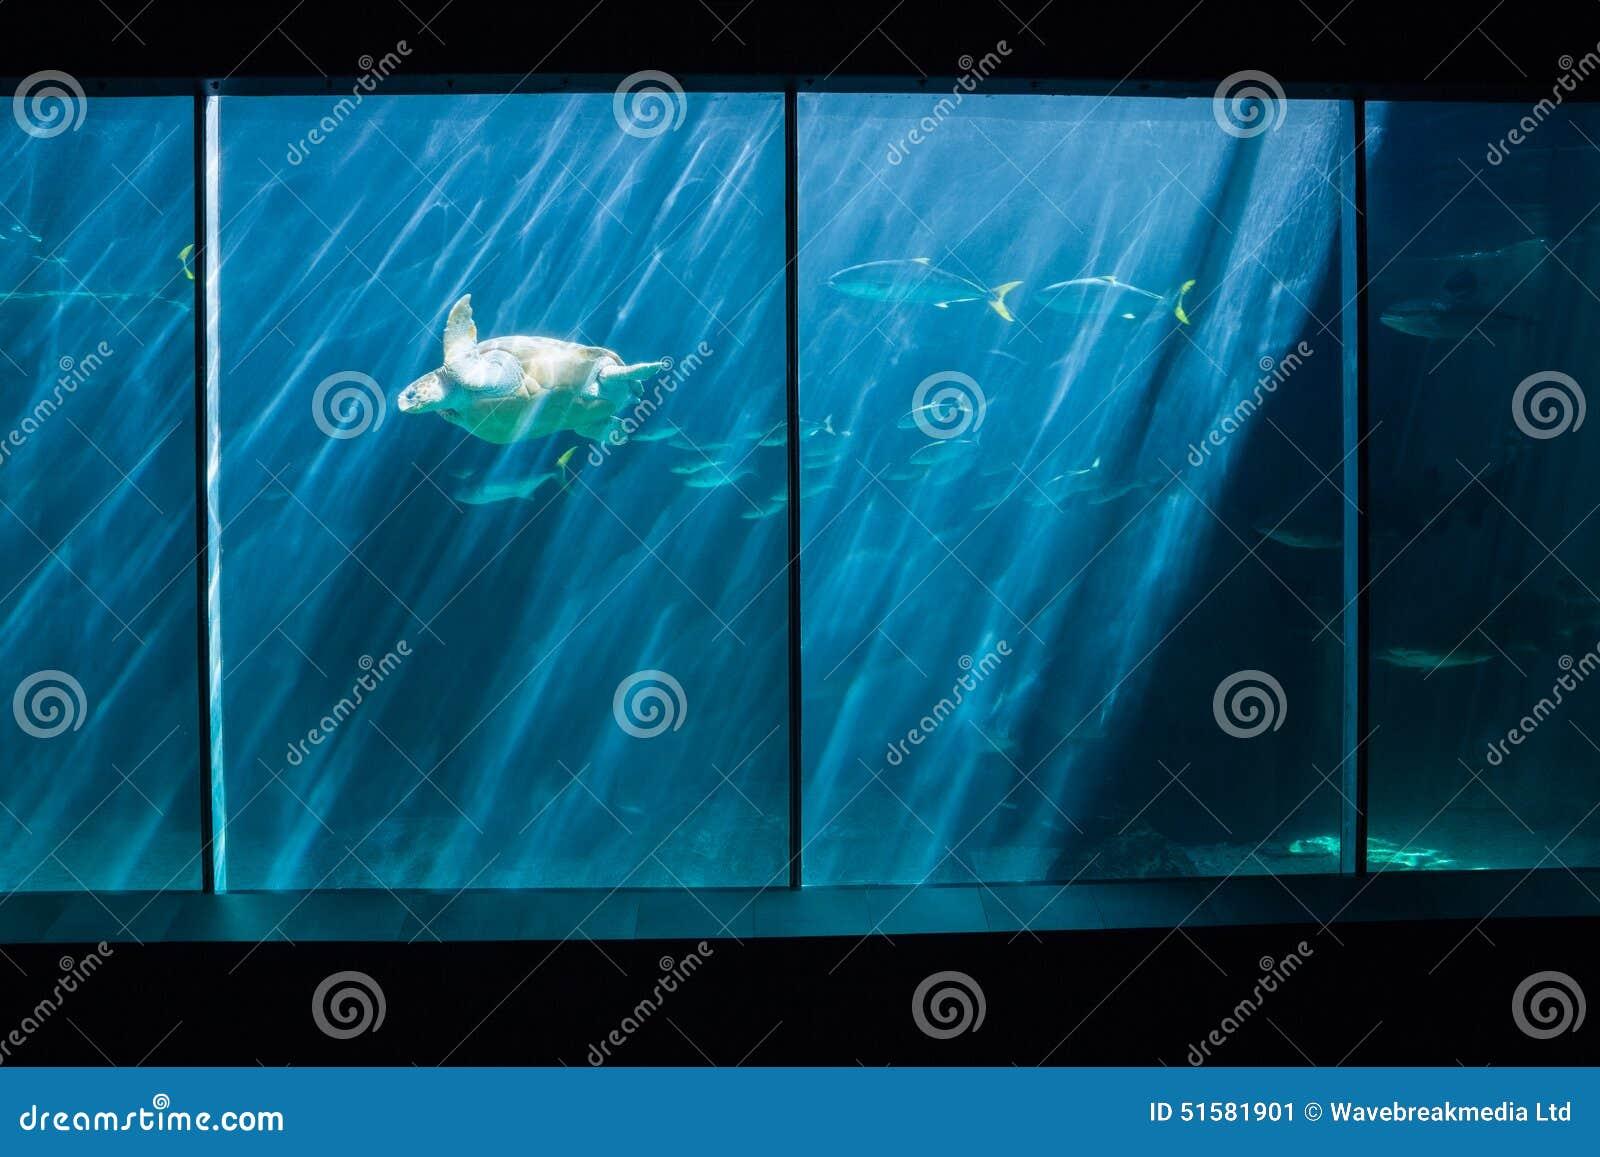 Fish in tank swimming - Turtle Swimming In Fish Tank